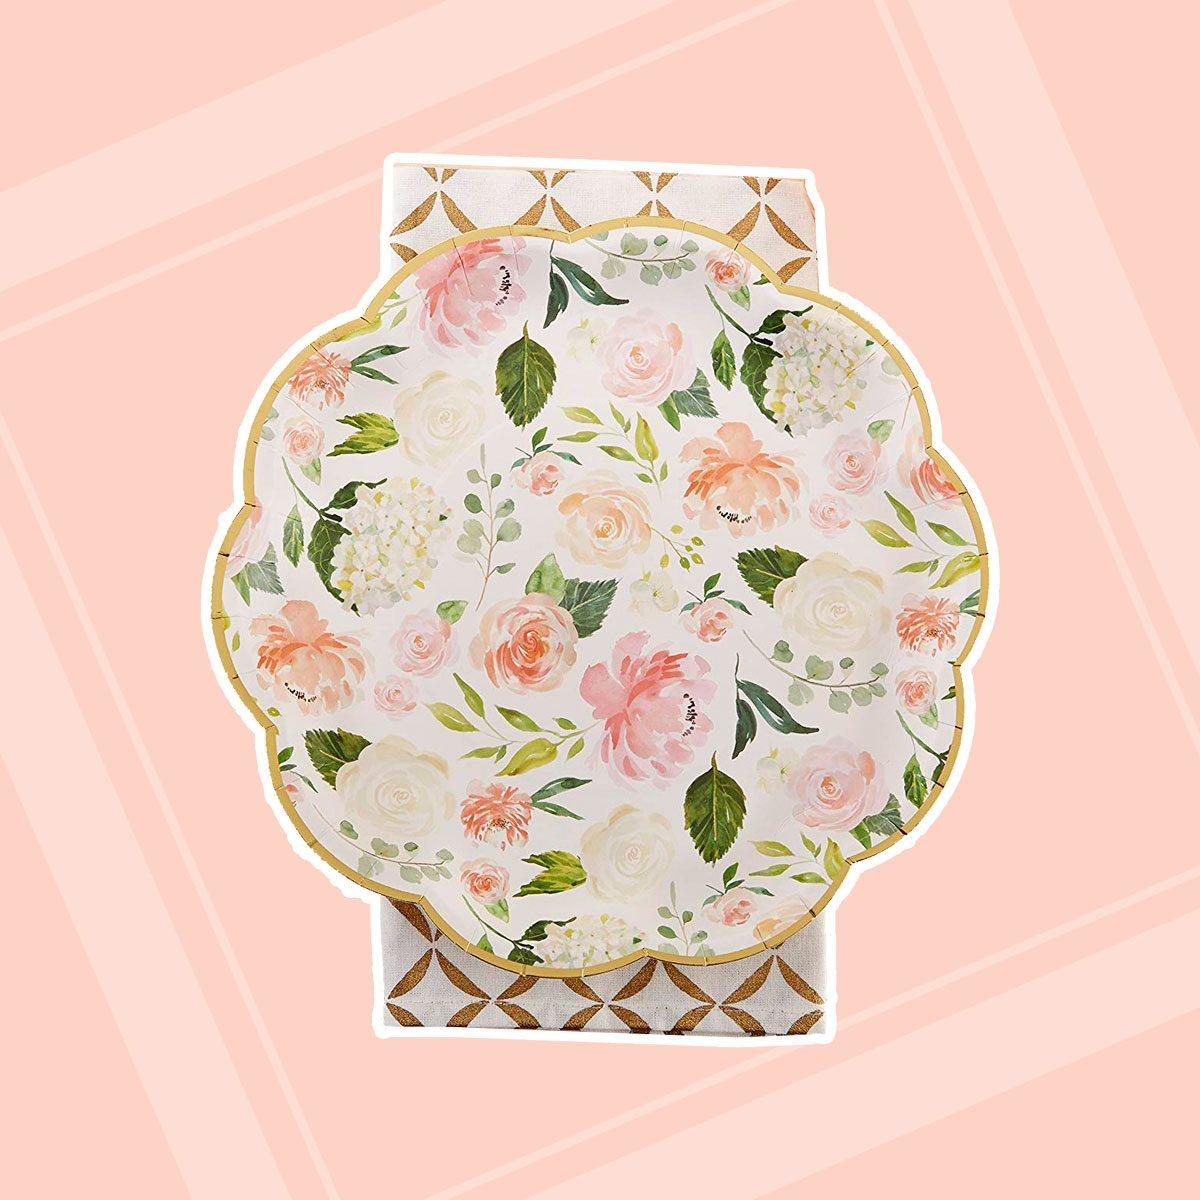 Floral Paper Plates